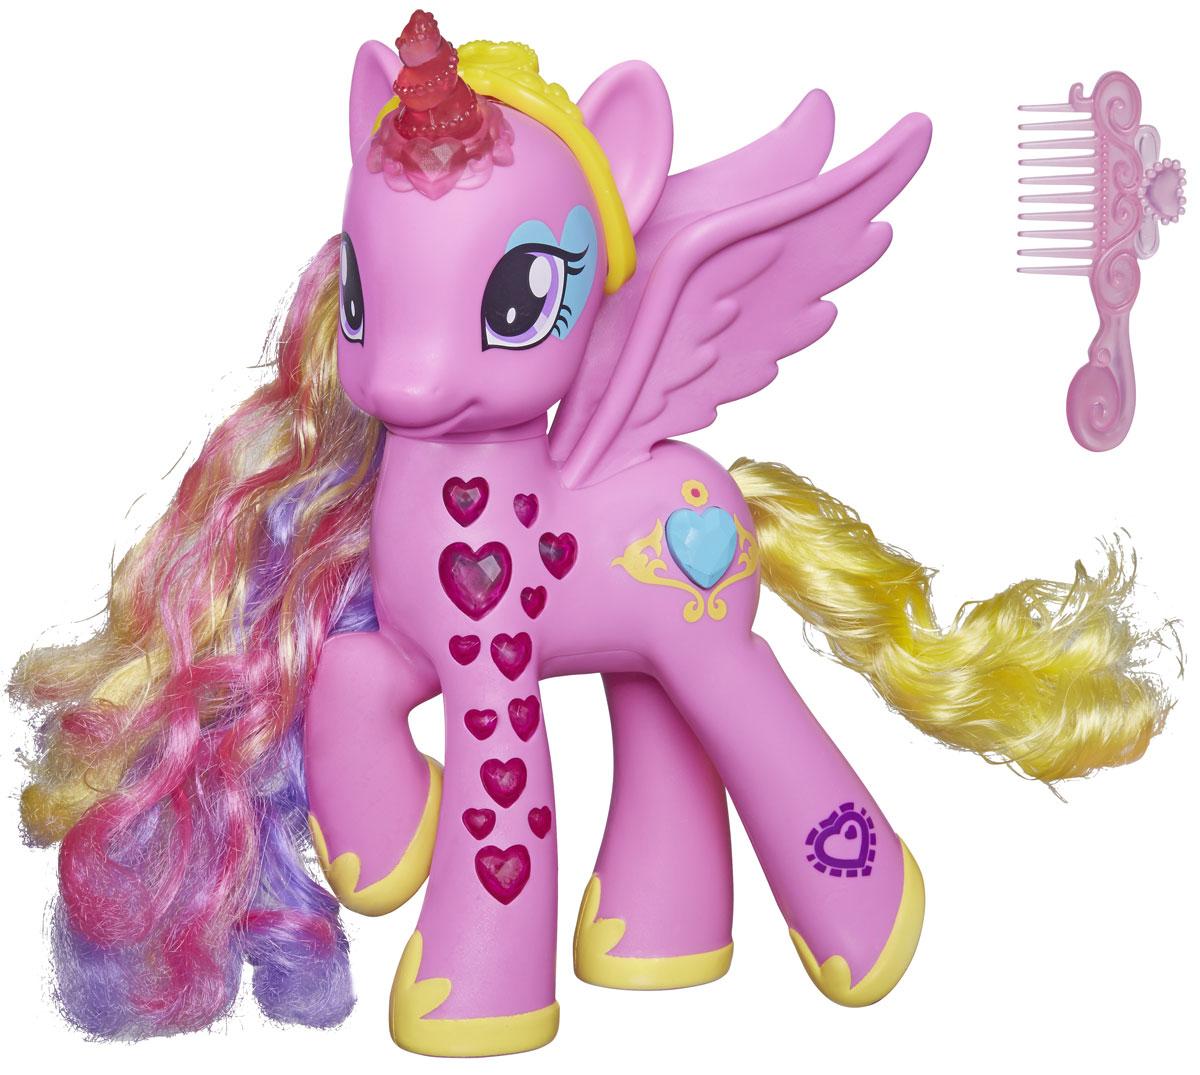 My Little Pony Фигурка Пони-модница Принцесса КаденсB1370121Фигурка My Little Pony Пони-модница Принцесса Каденс непременно понравится вашей малышке. Набор включает игрушку в виде очаровательной пони с аксессуарами. Фигурка выполнена из прочного пластика в виде яркой лошадки с большими крыльями. Ножки Каденс украшены полупрозрачными сердечками, а ее метка выполнена в виде кнопки. Нажмите на нее, и сердечки на ножках пони, а также ее прозрачный рог замигают красными огоньками, и Каденс споет или произнесет фразу из мультфильма. Вашей дочурке понравится расчесывать и заплетать длинную разноцветную гриву пони. Игры с пони поспособствуют развитию у ребенка фантазии и любознательности, помогут овладеть навыками общения, воспитают чувство ответственности и заботы. Порадуйте свою малышку таким замечательным подарком! Рекомендуется докупить 2 батарейки типа ААА (товар комплектуется демонстрационными).